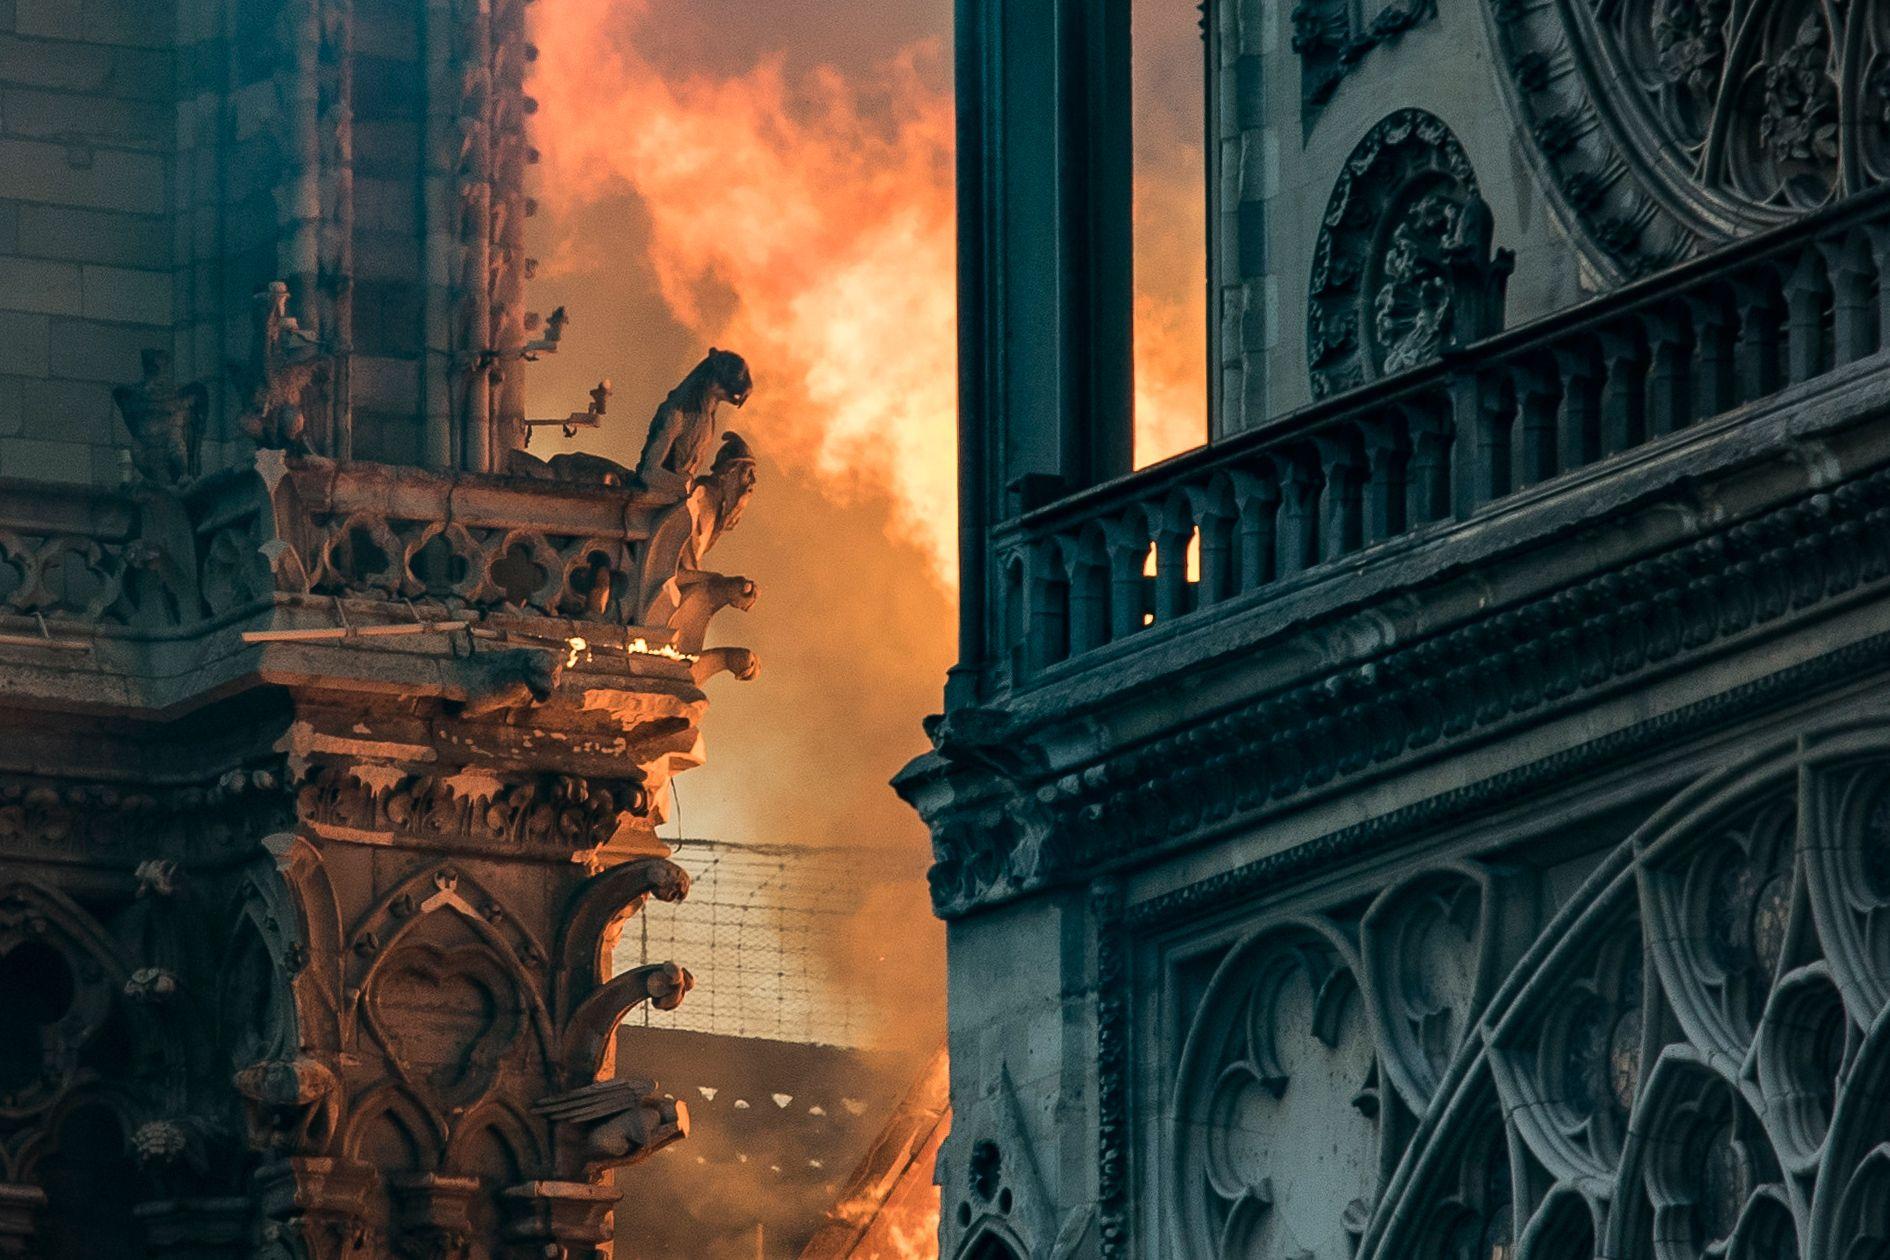 석조로 건축된 대성당 외벽까지 불길이 치솟고 있다. [AFP=연합뉴스]